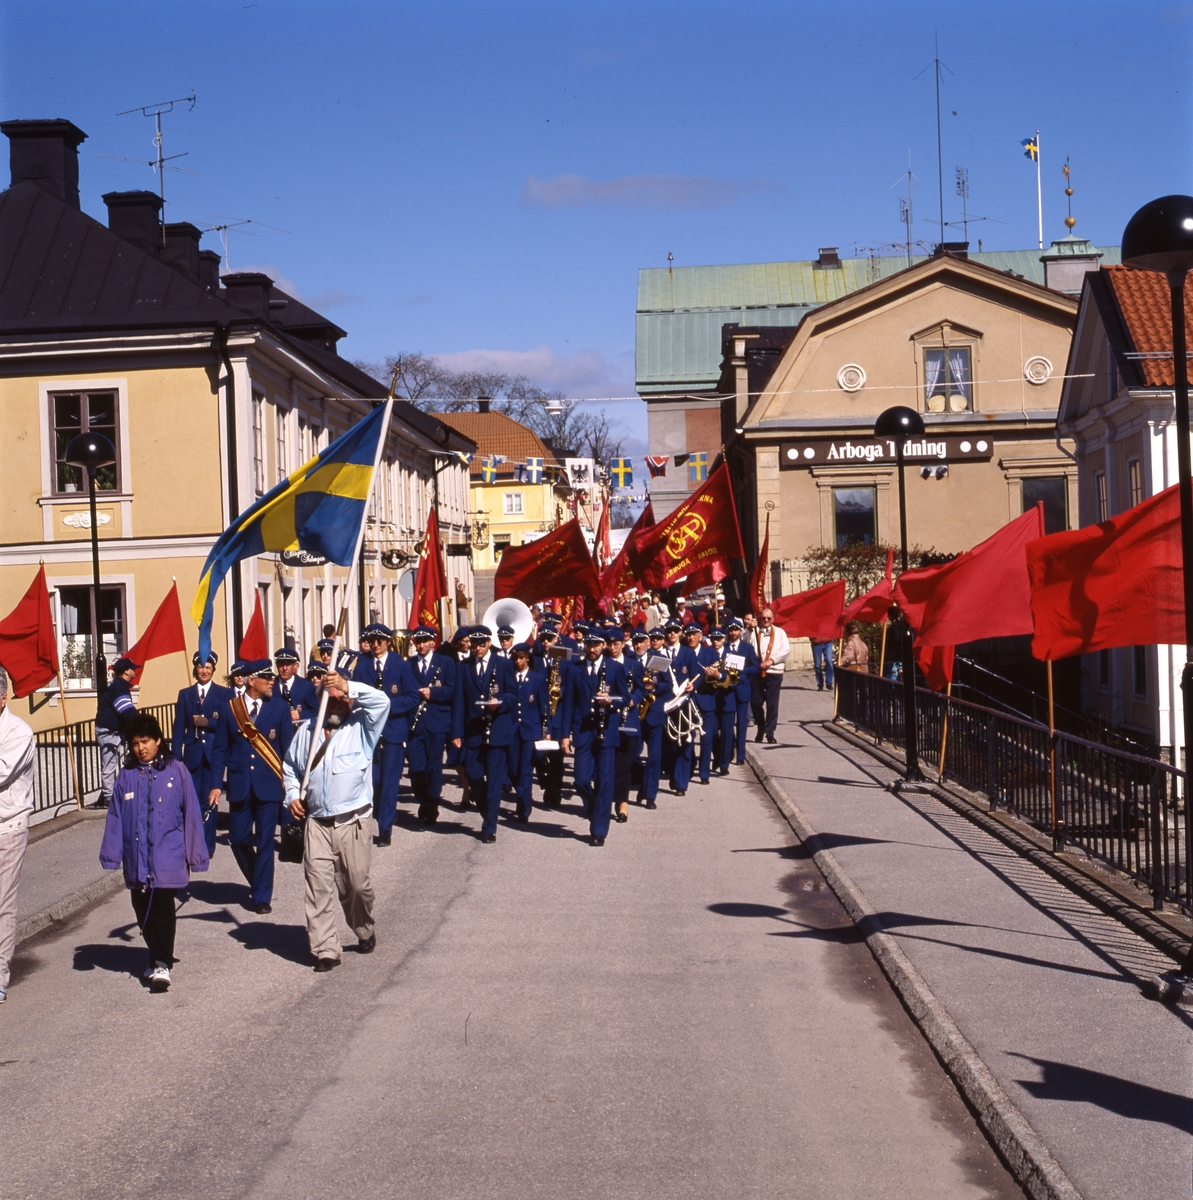 Första maj. Demonstrationståg med röda fanor och plakat. Först går ett par med en svensk flagga. Sedan följer Arboga Blåsorkester under ledning av Håkan Harrysson. I bakgrunden ses kvarteret Stadsgården till vänster och Kungsgården till höger. Kapellbron är dekorerad med röda fanor. Socialdemokrater demonstrerar.